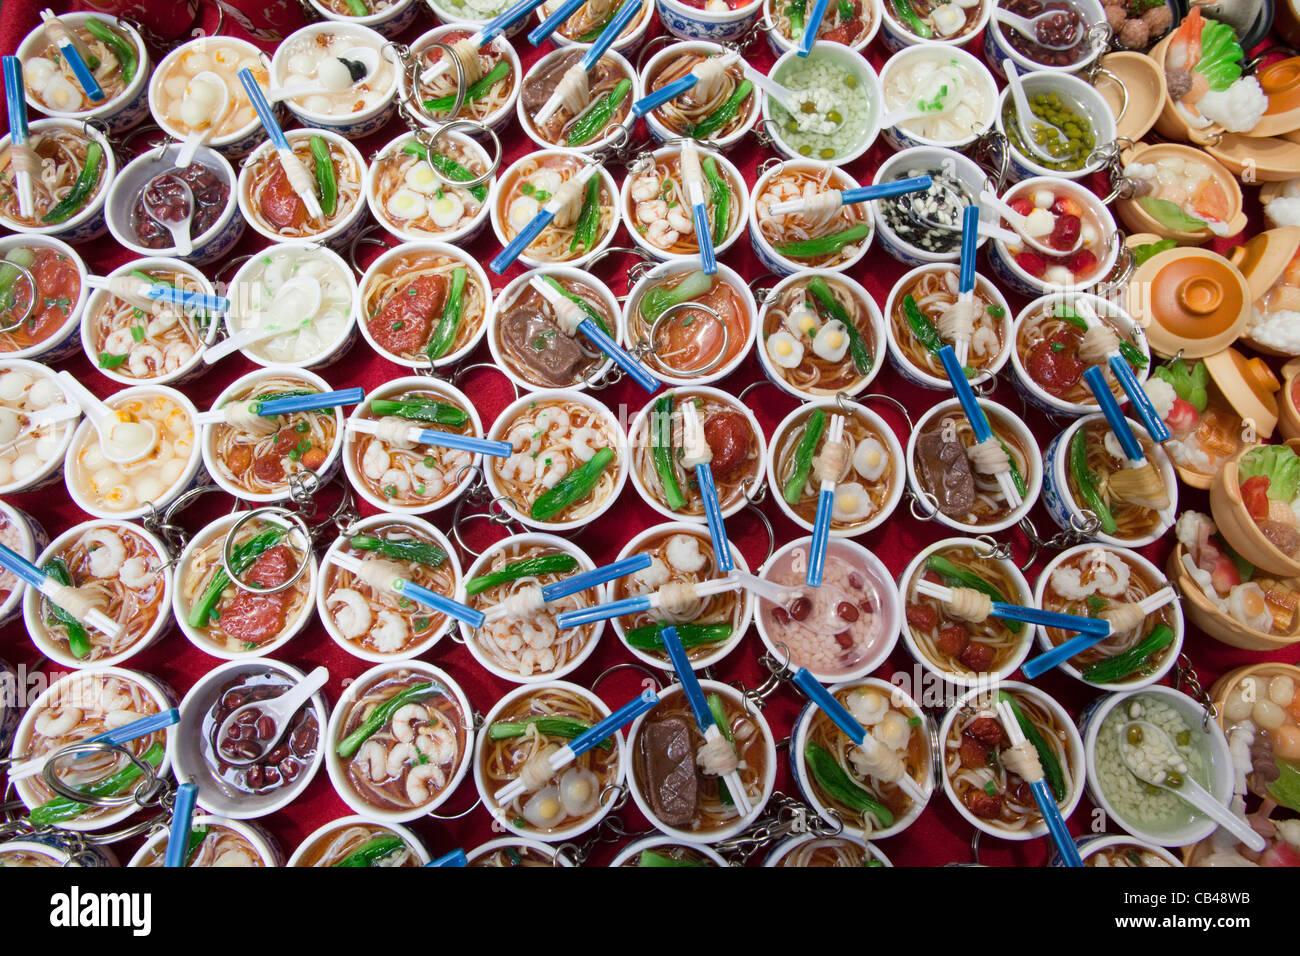 Cina, Hong Kong, il Mercato Stanley, Souvenir Keyring cinese di ciotole di cibo Foto Stock